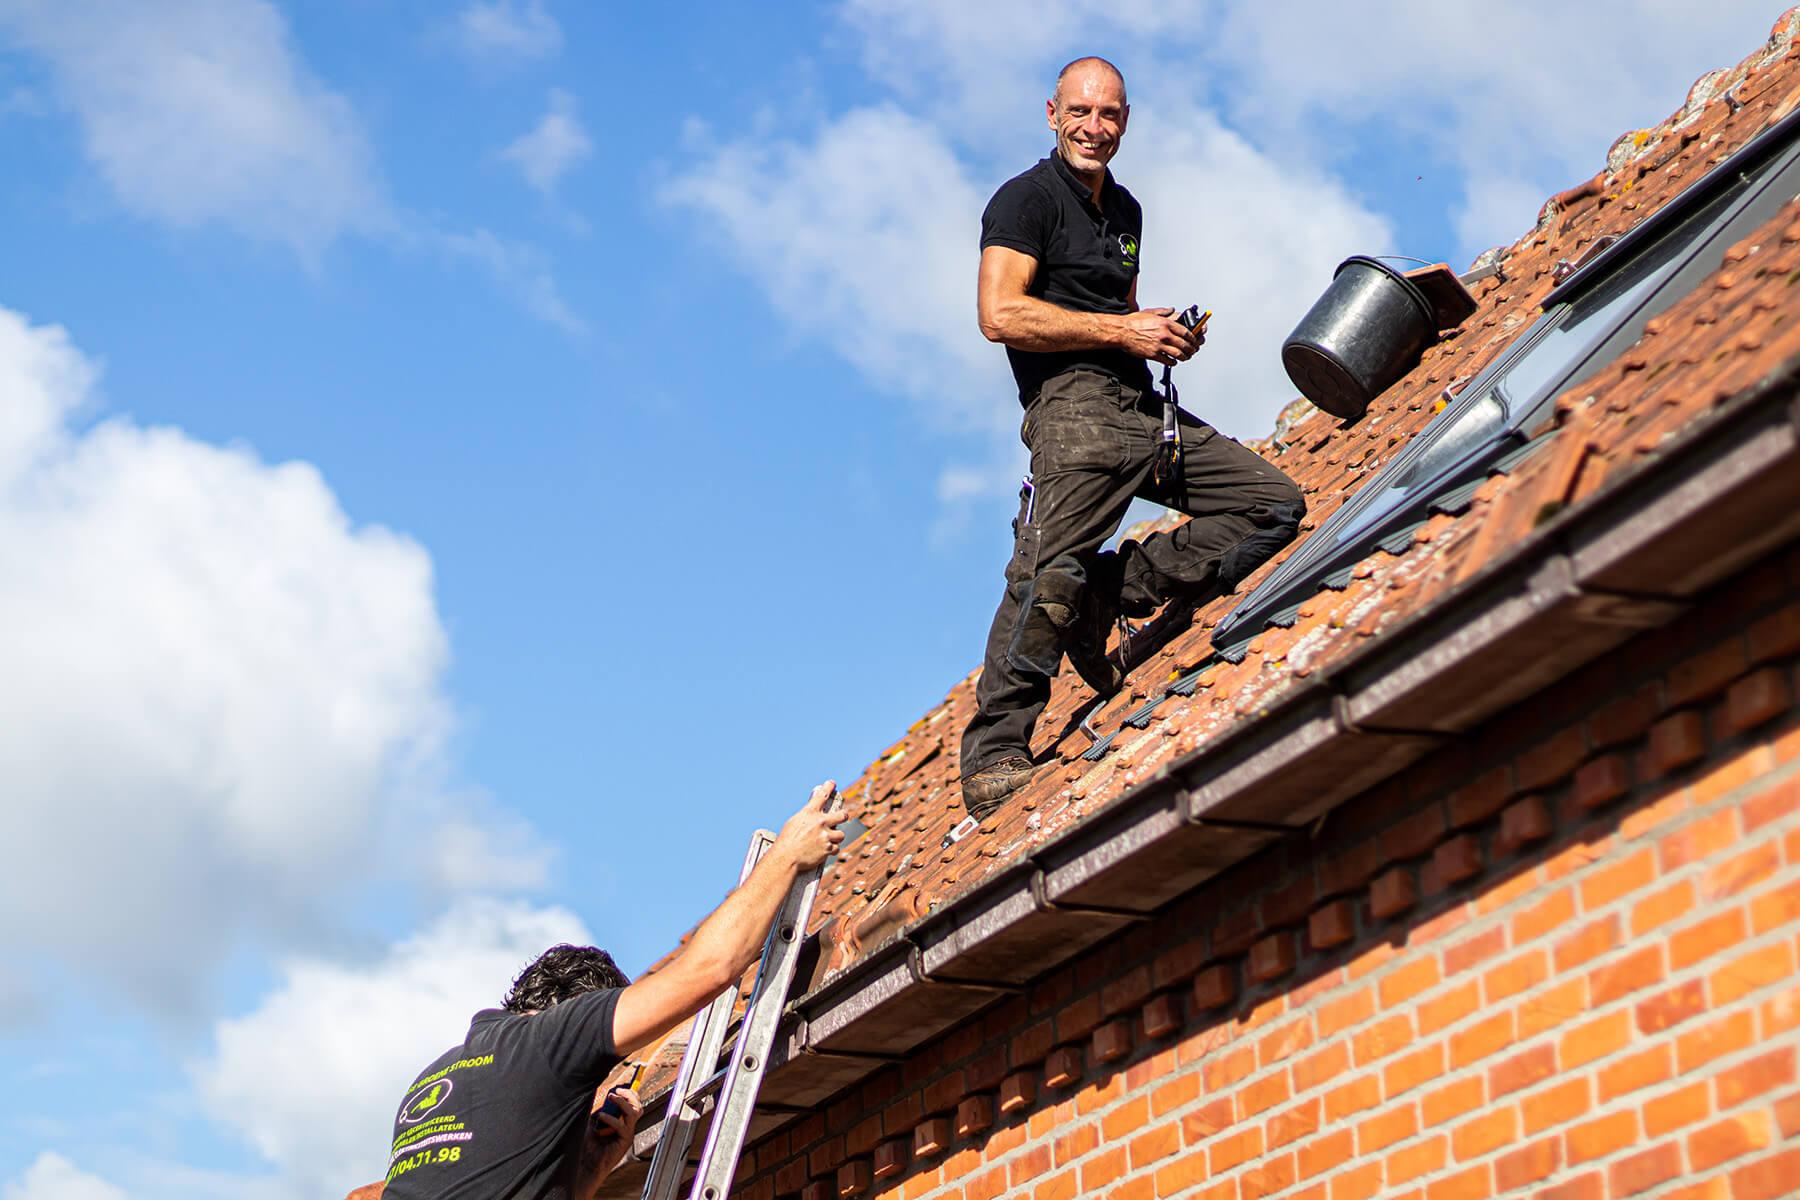 Zonnepanelen installateur op een steil dak die een meting uitvoert bij helderblauwe hemel met enkele wolken in het waasland.